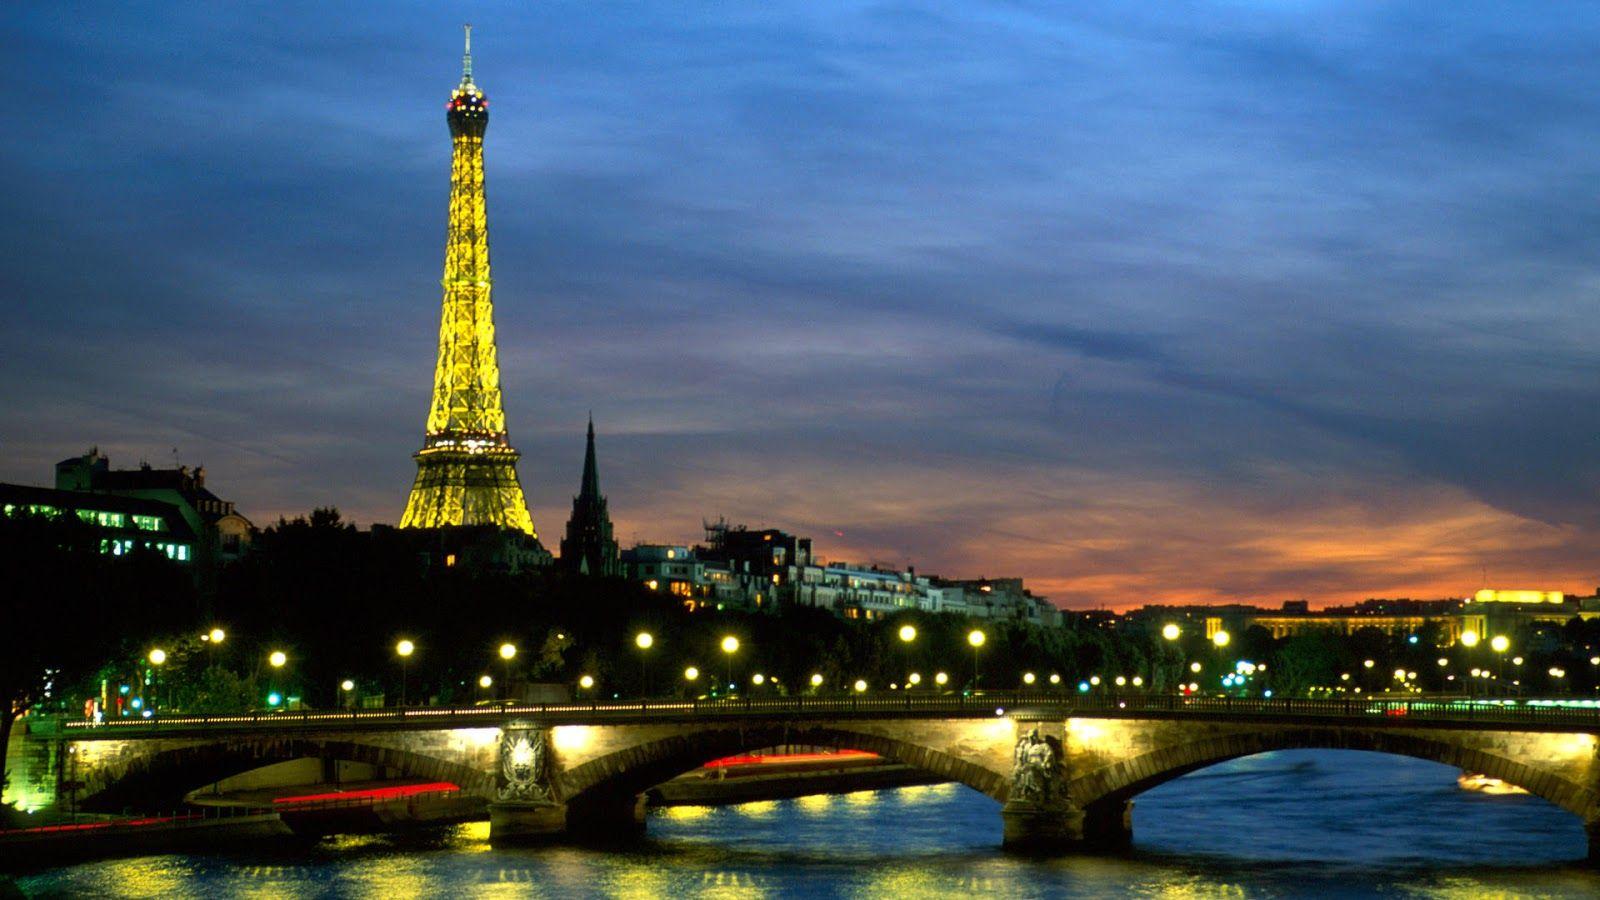 Ashley Wallpaper Wallpaper Menara Eiffel Malam Hari